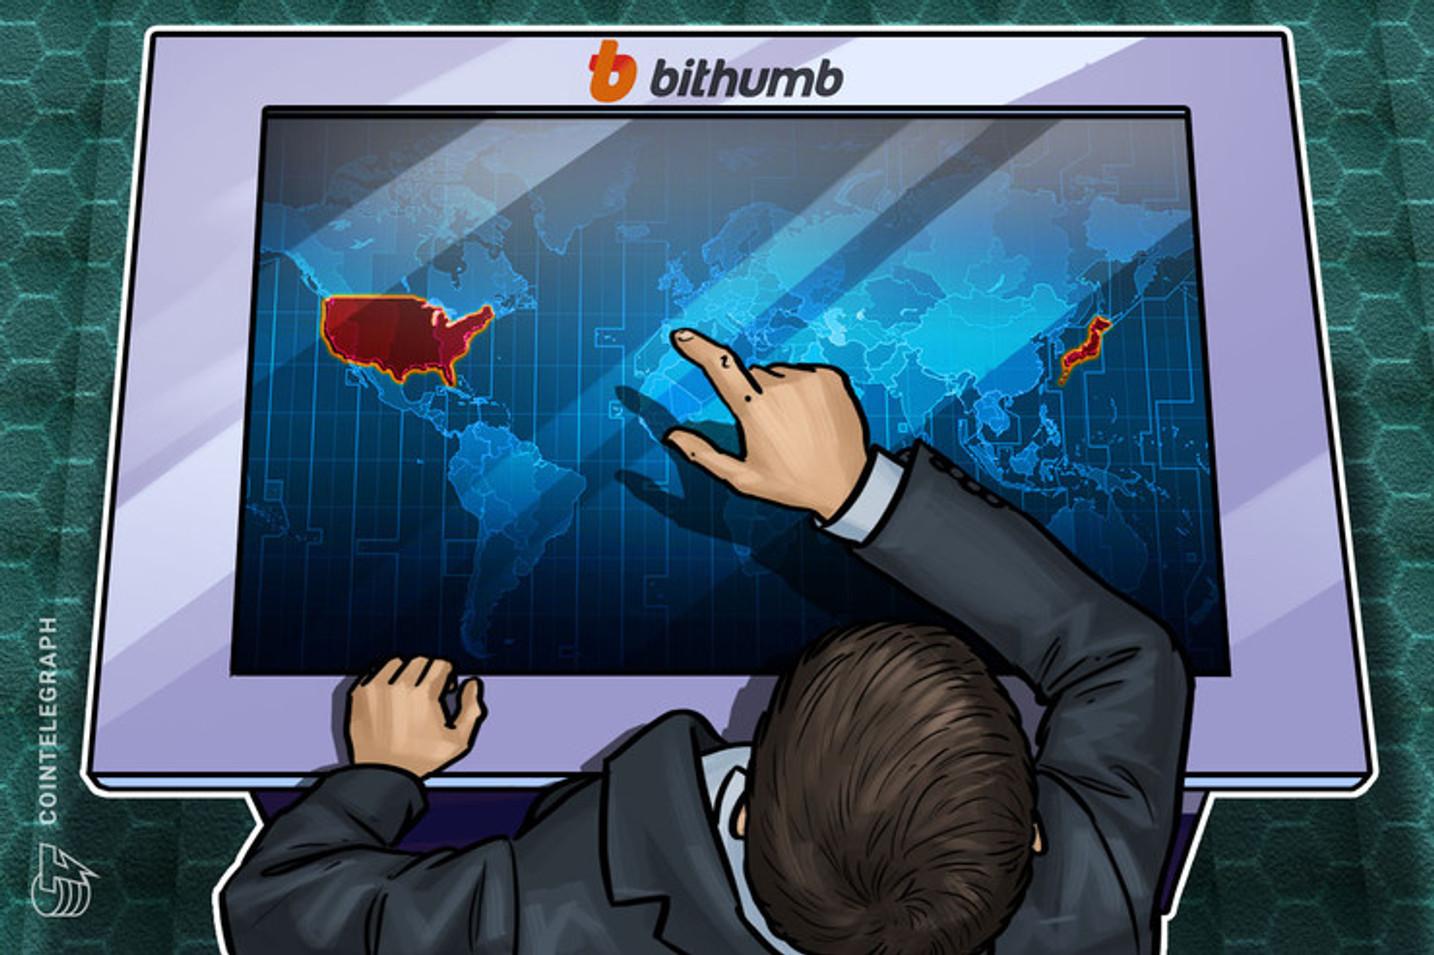 빗썸, 글로벌 디지털 금융 플랫폼 선언… '빗썸패밀리' 브랜드로